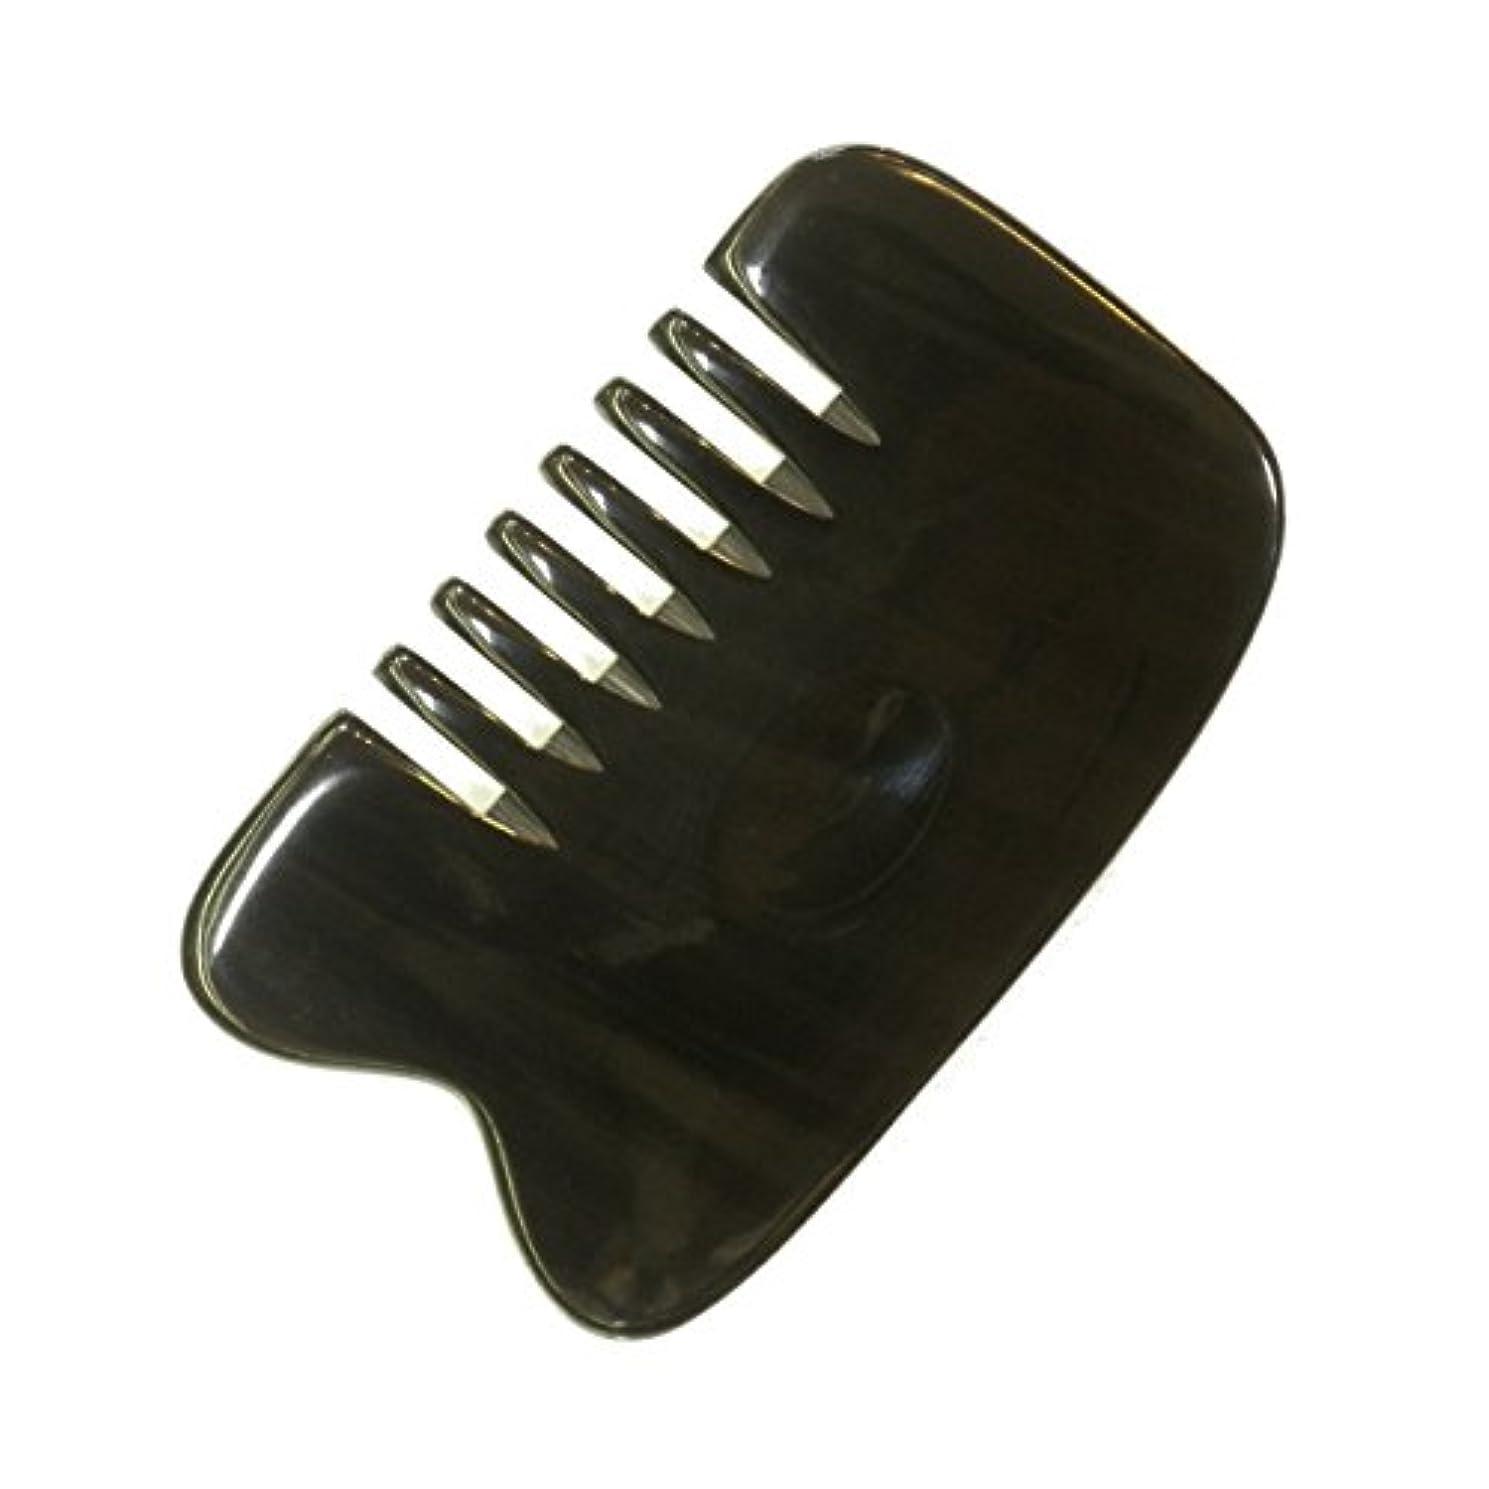 信念花輪筋肉のかっさ プレート 厚さが選べる 水牛の角(黒水牛角) EHE221SP 櫛型 特級品 標準(6ミリ程度)